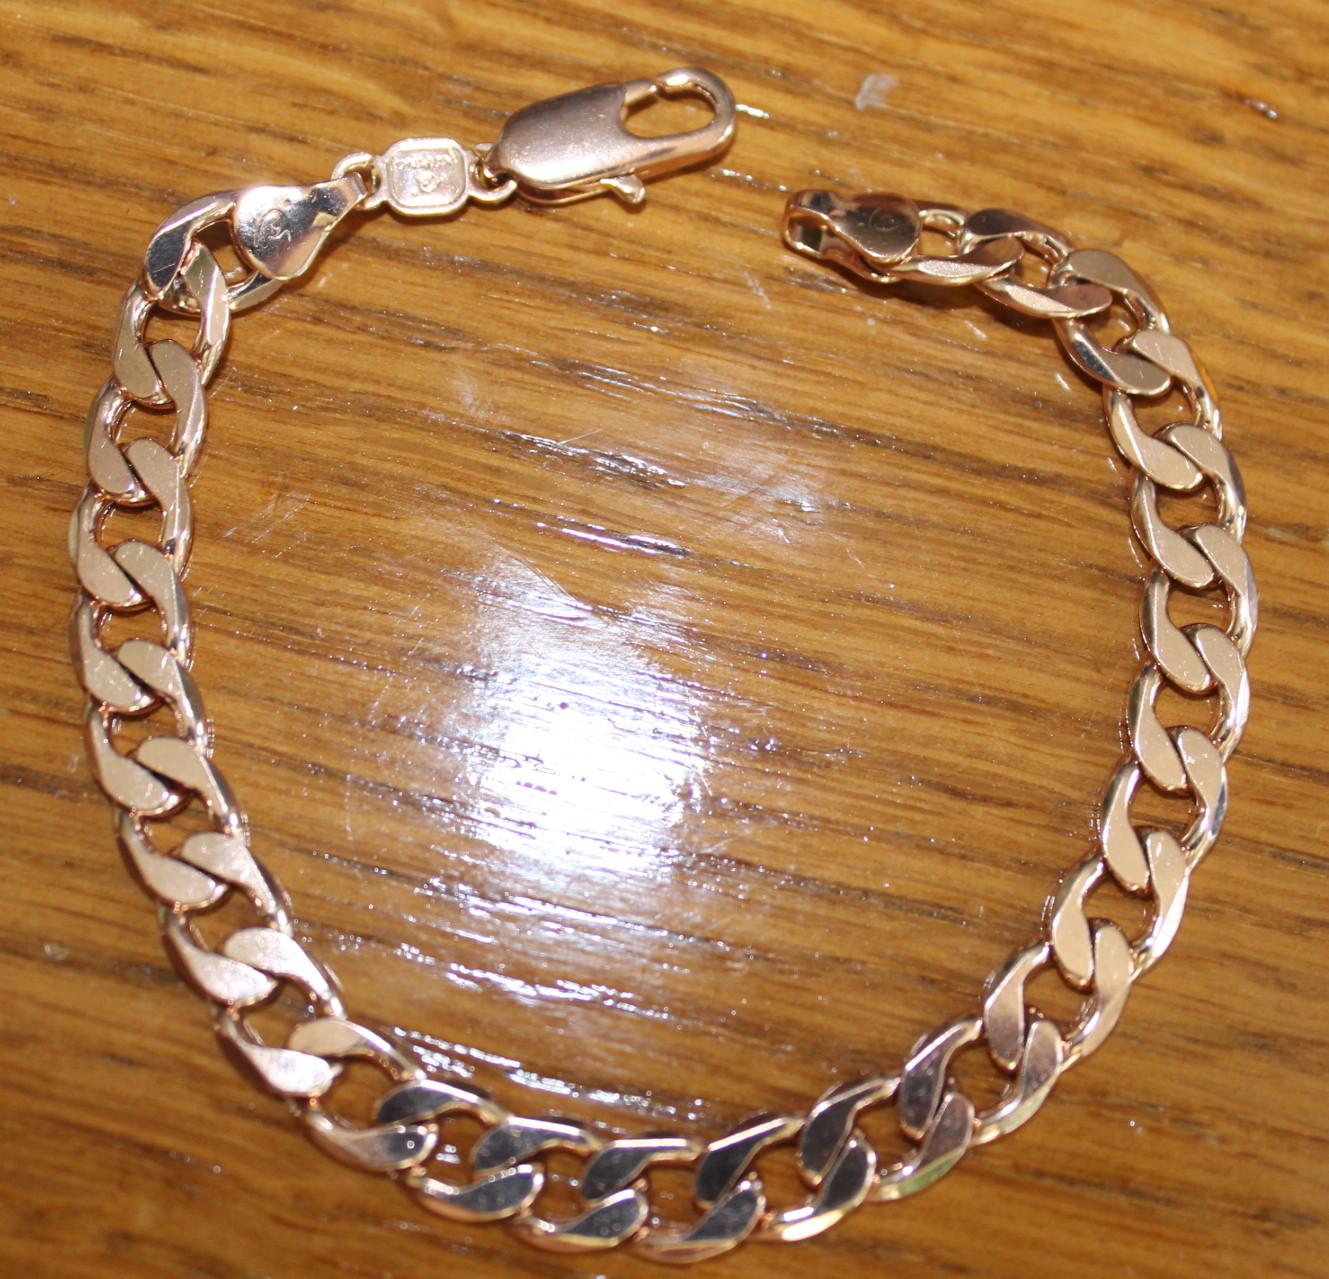 textura clara ventas calientes 100% de garantía de satisfacción Pulsera de oro clásica de cadena de moda n2379